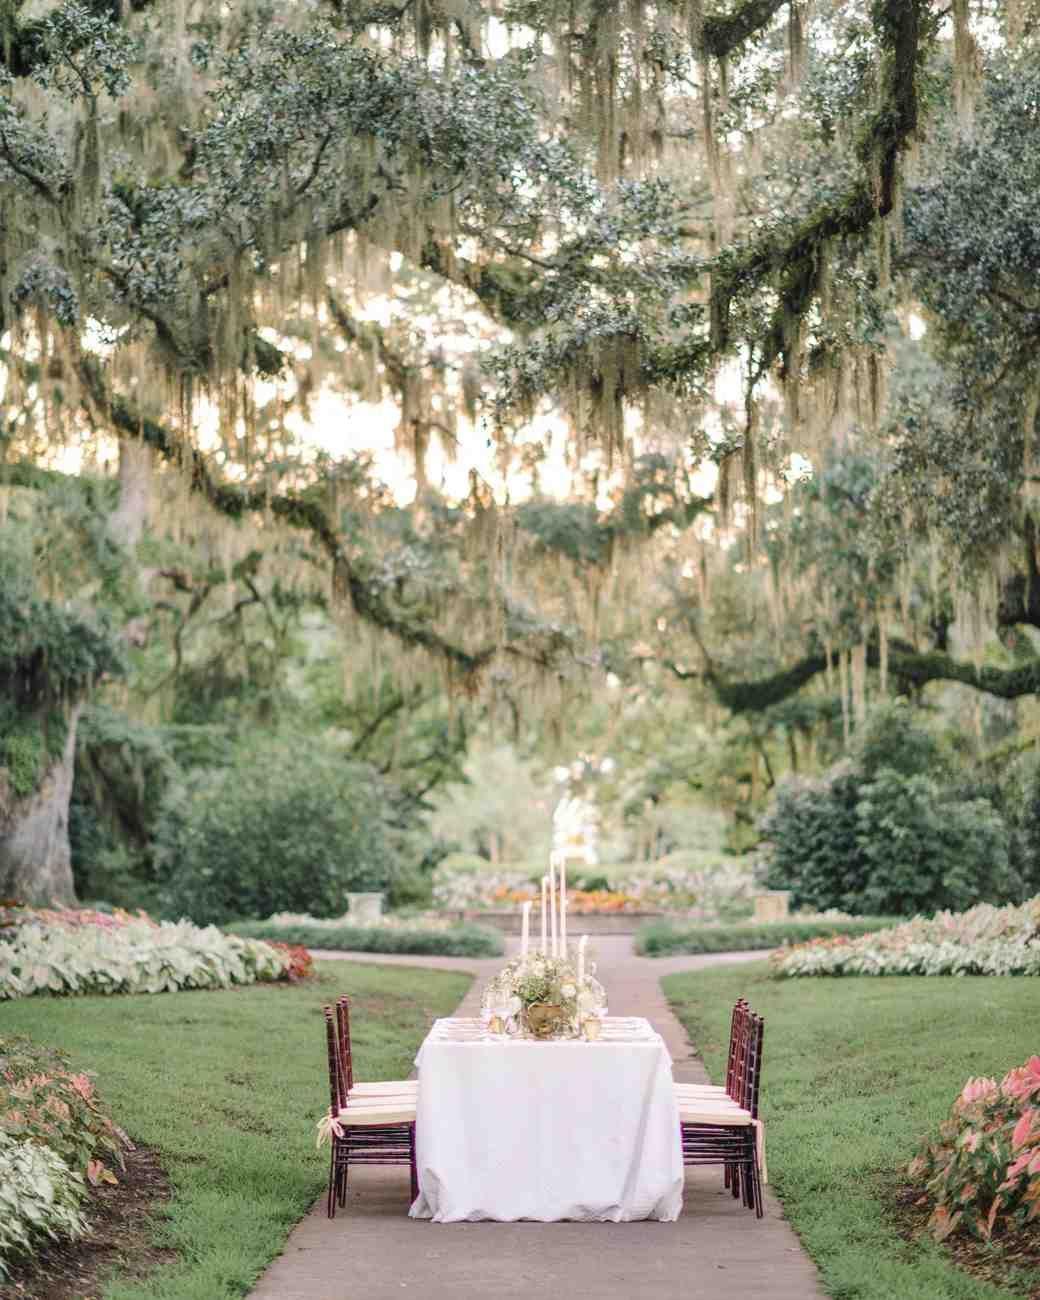 f9bd54063fd3809bfeb389ecc20f61f8 - How Much Does A Wedding At Brookgreen Gardens Cost